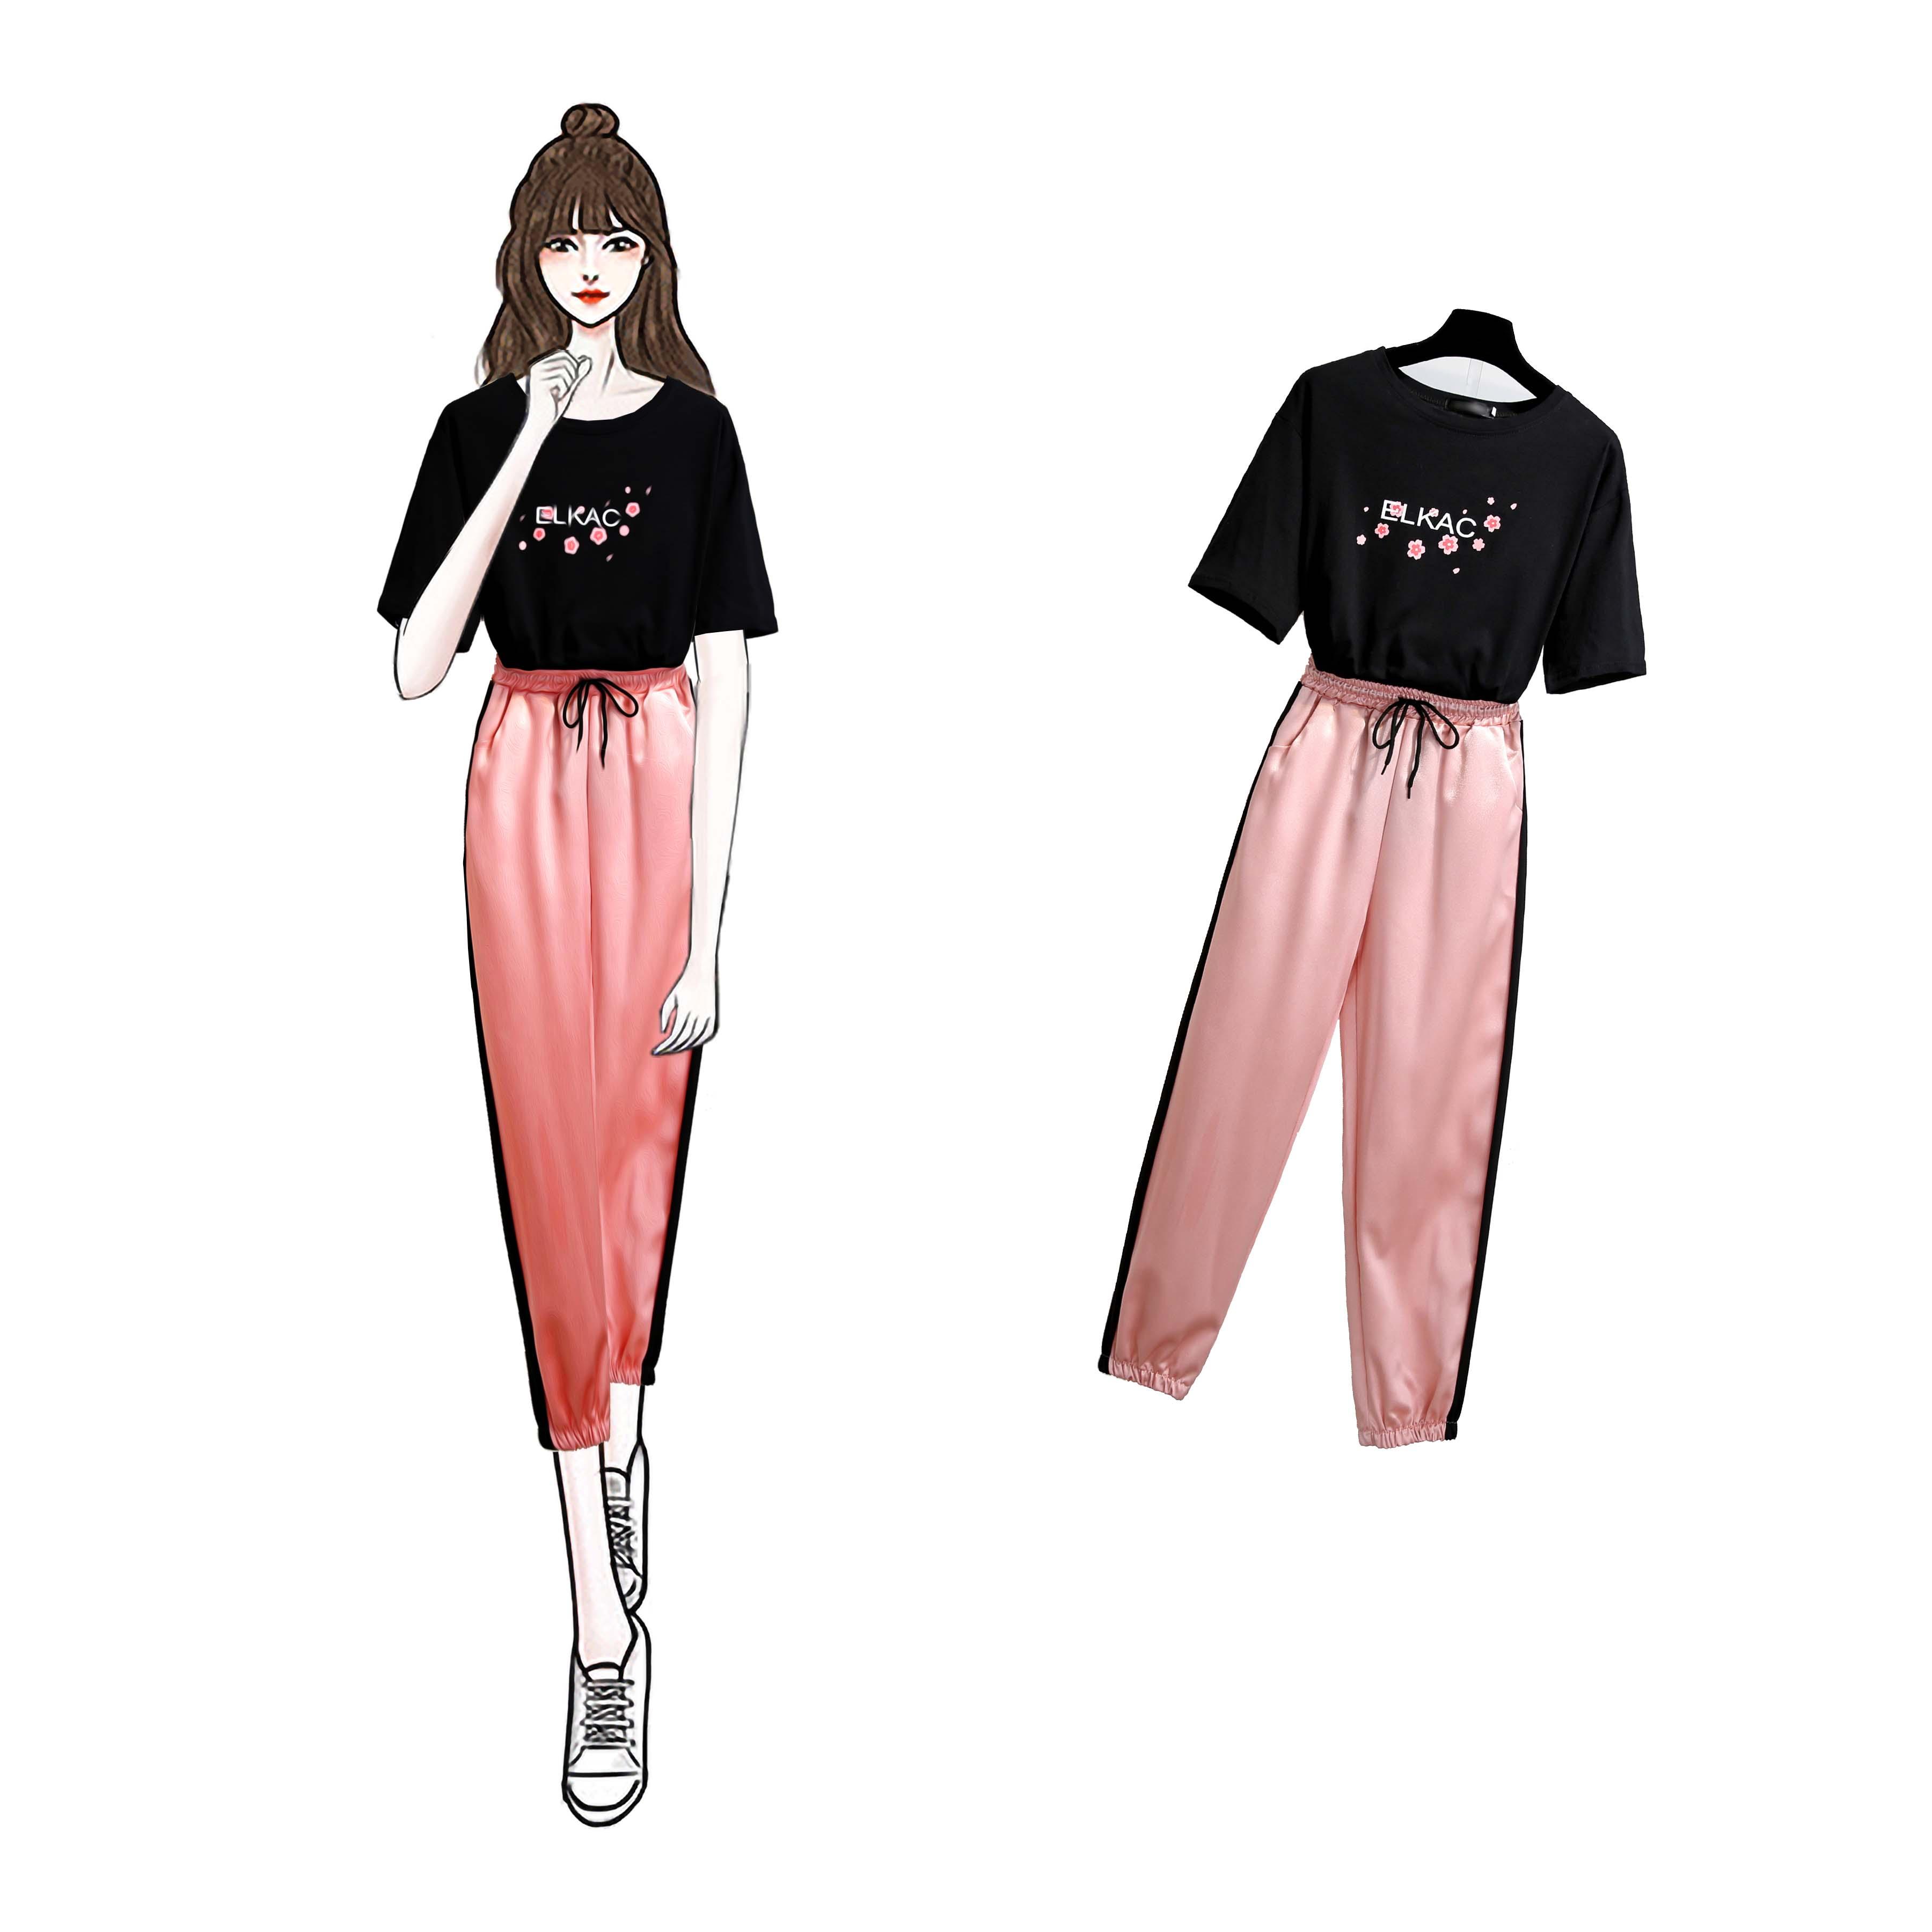 2019夏装新款大码女装胖妹妹遮肚显瘦时尚套装胖mm洋气运动两件套